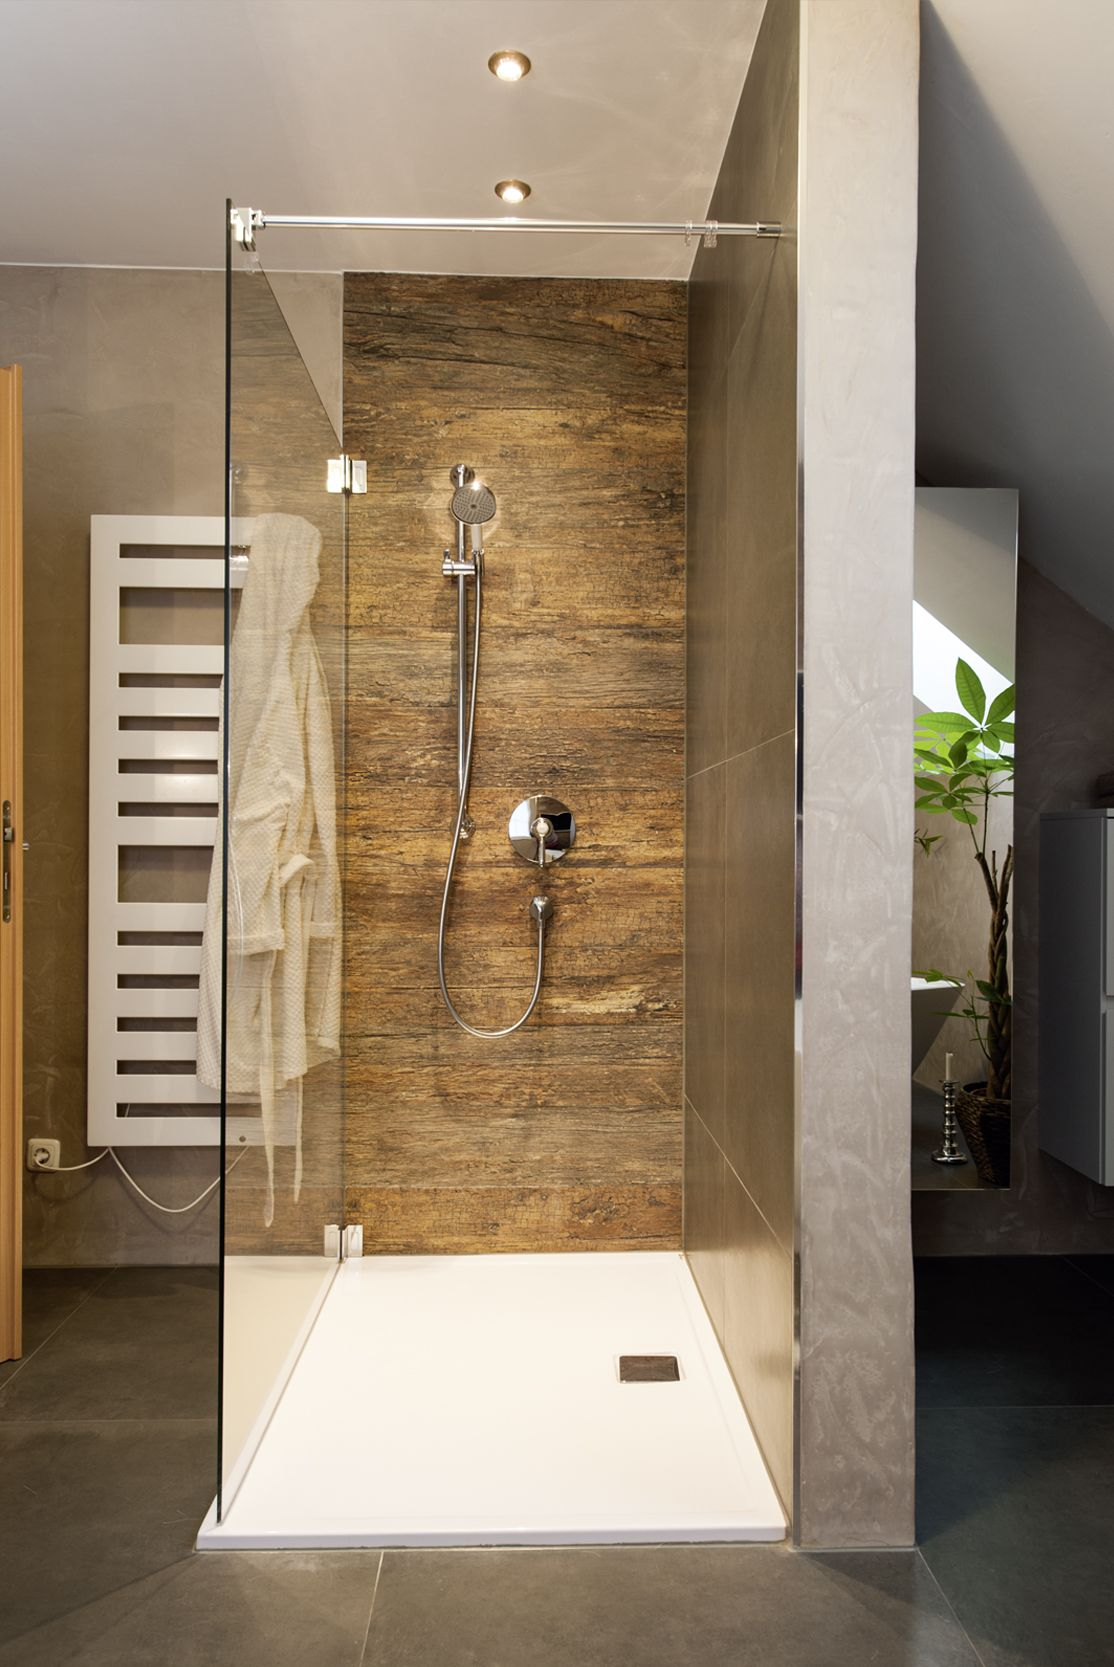 frei begehbare Dusche • Armaturen im Retrostyle (bei Wanne